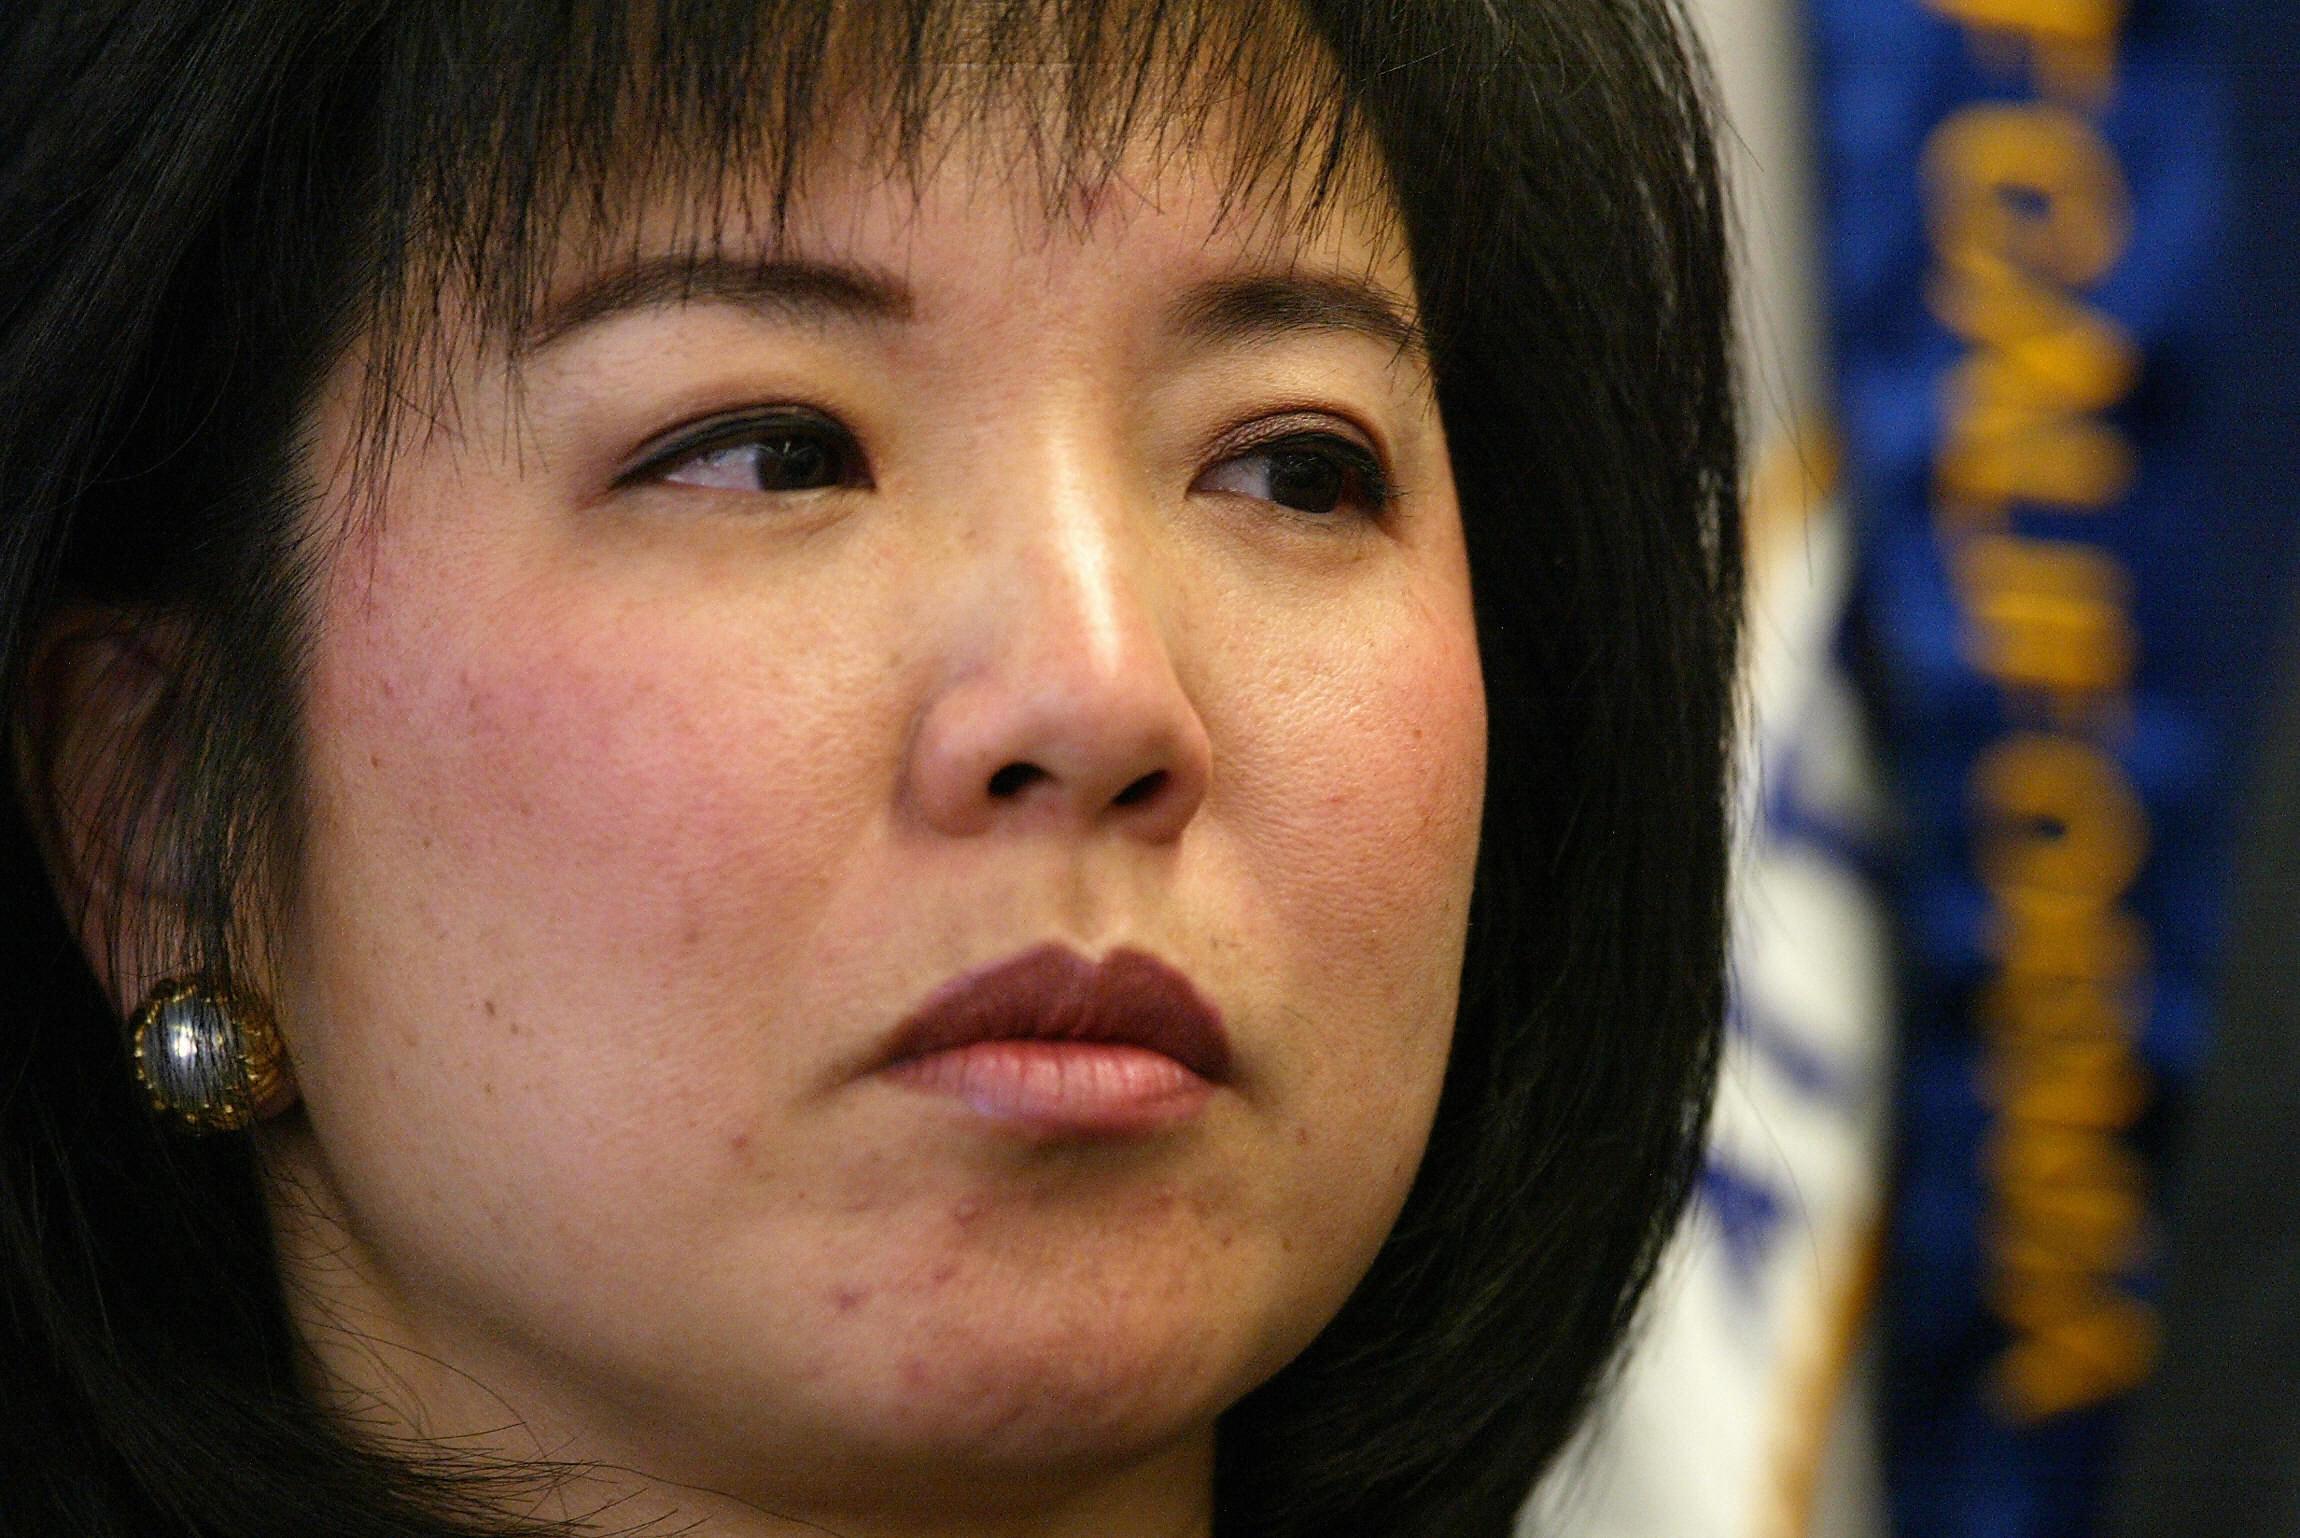 Former U.S. attorney Debra W. Yang